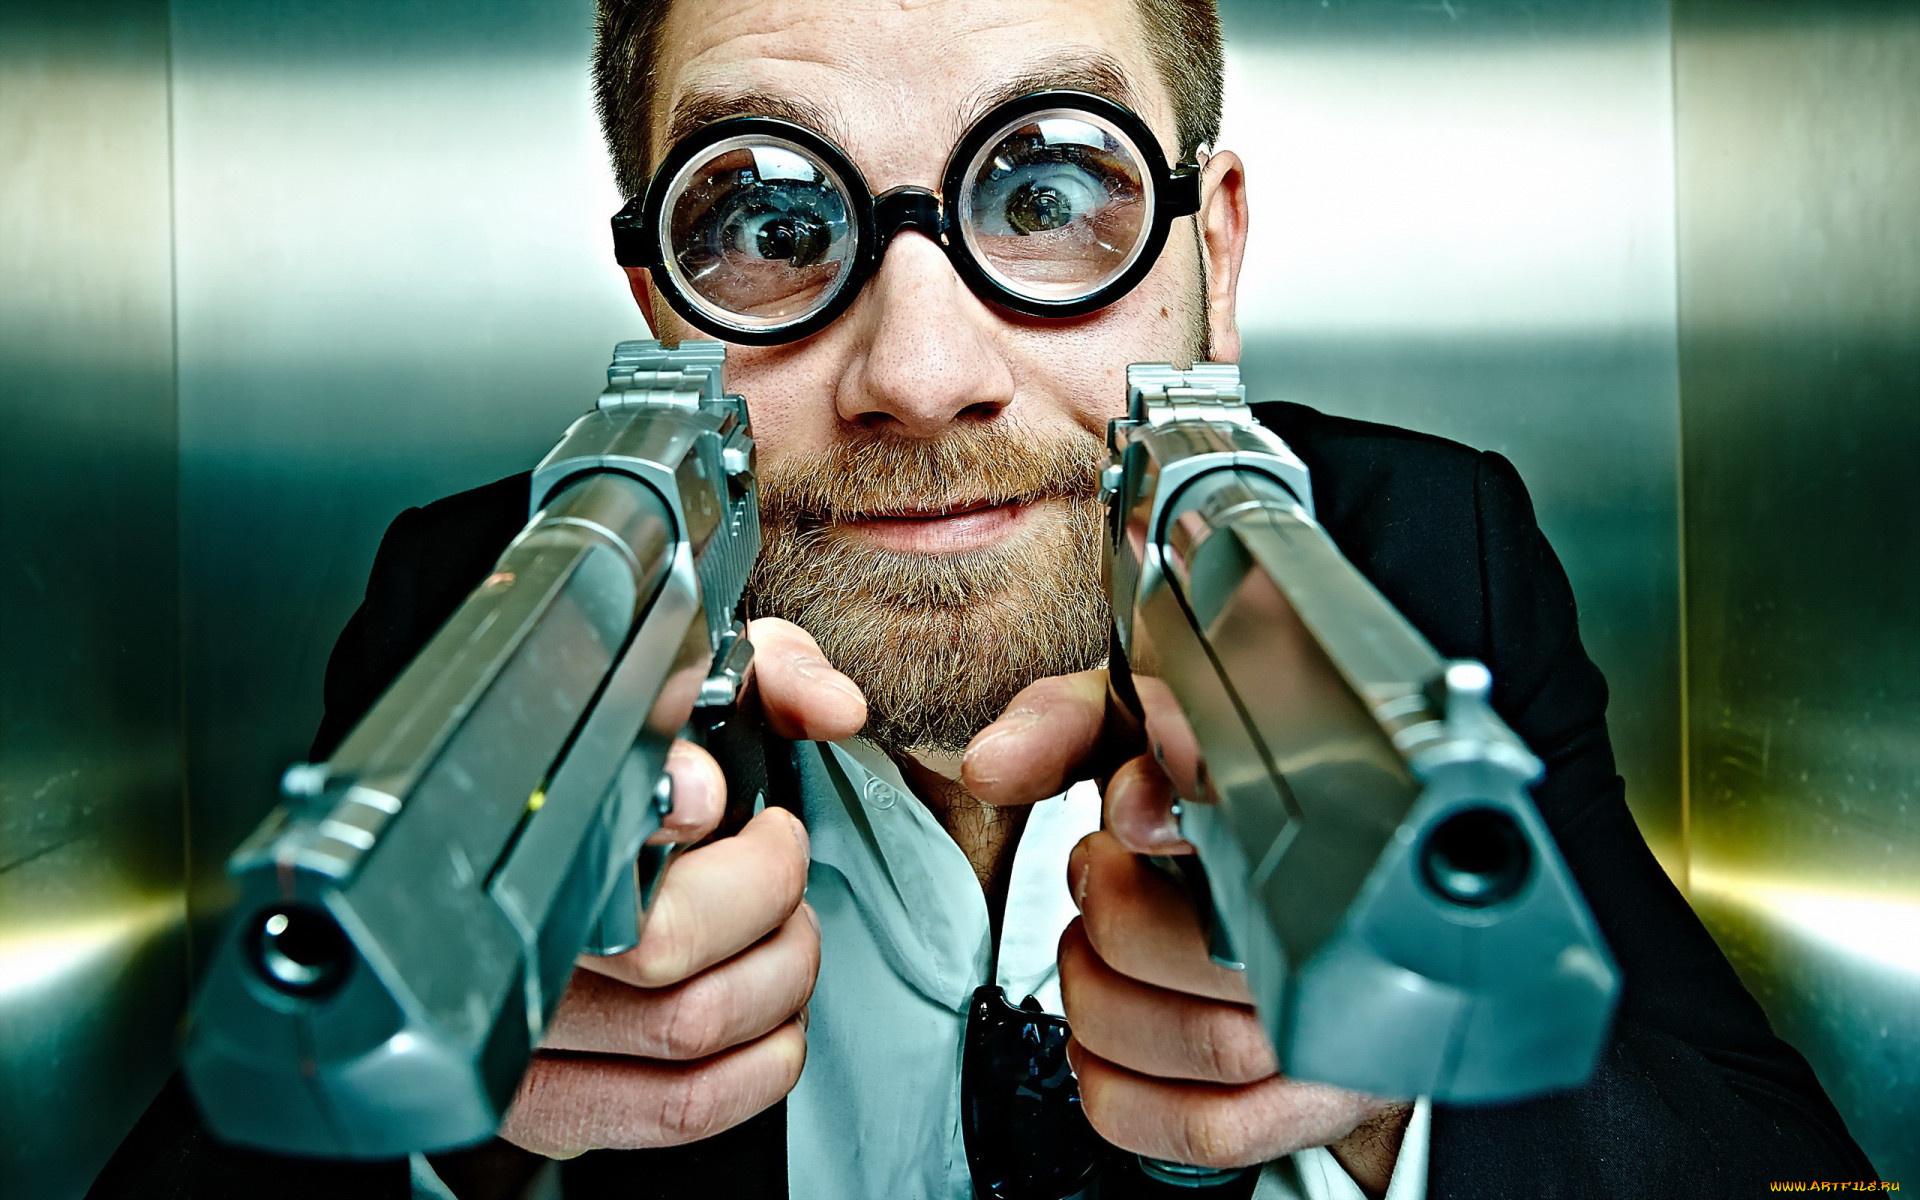 Пистолет картинки приколы, про студентов